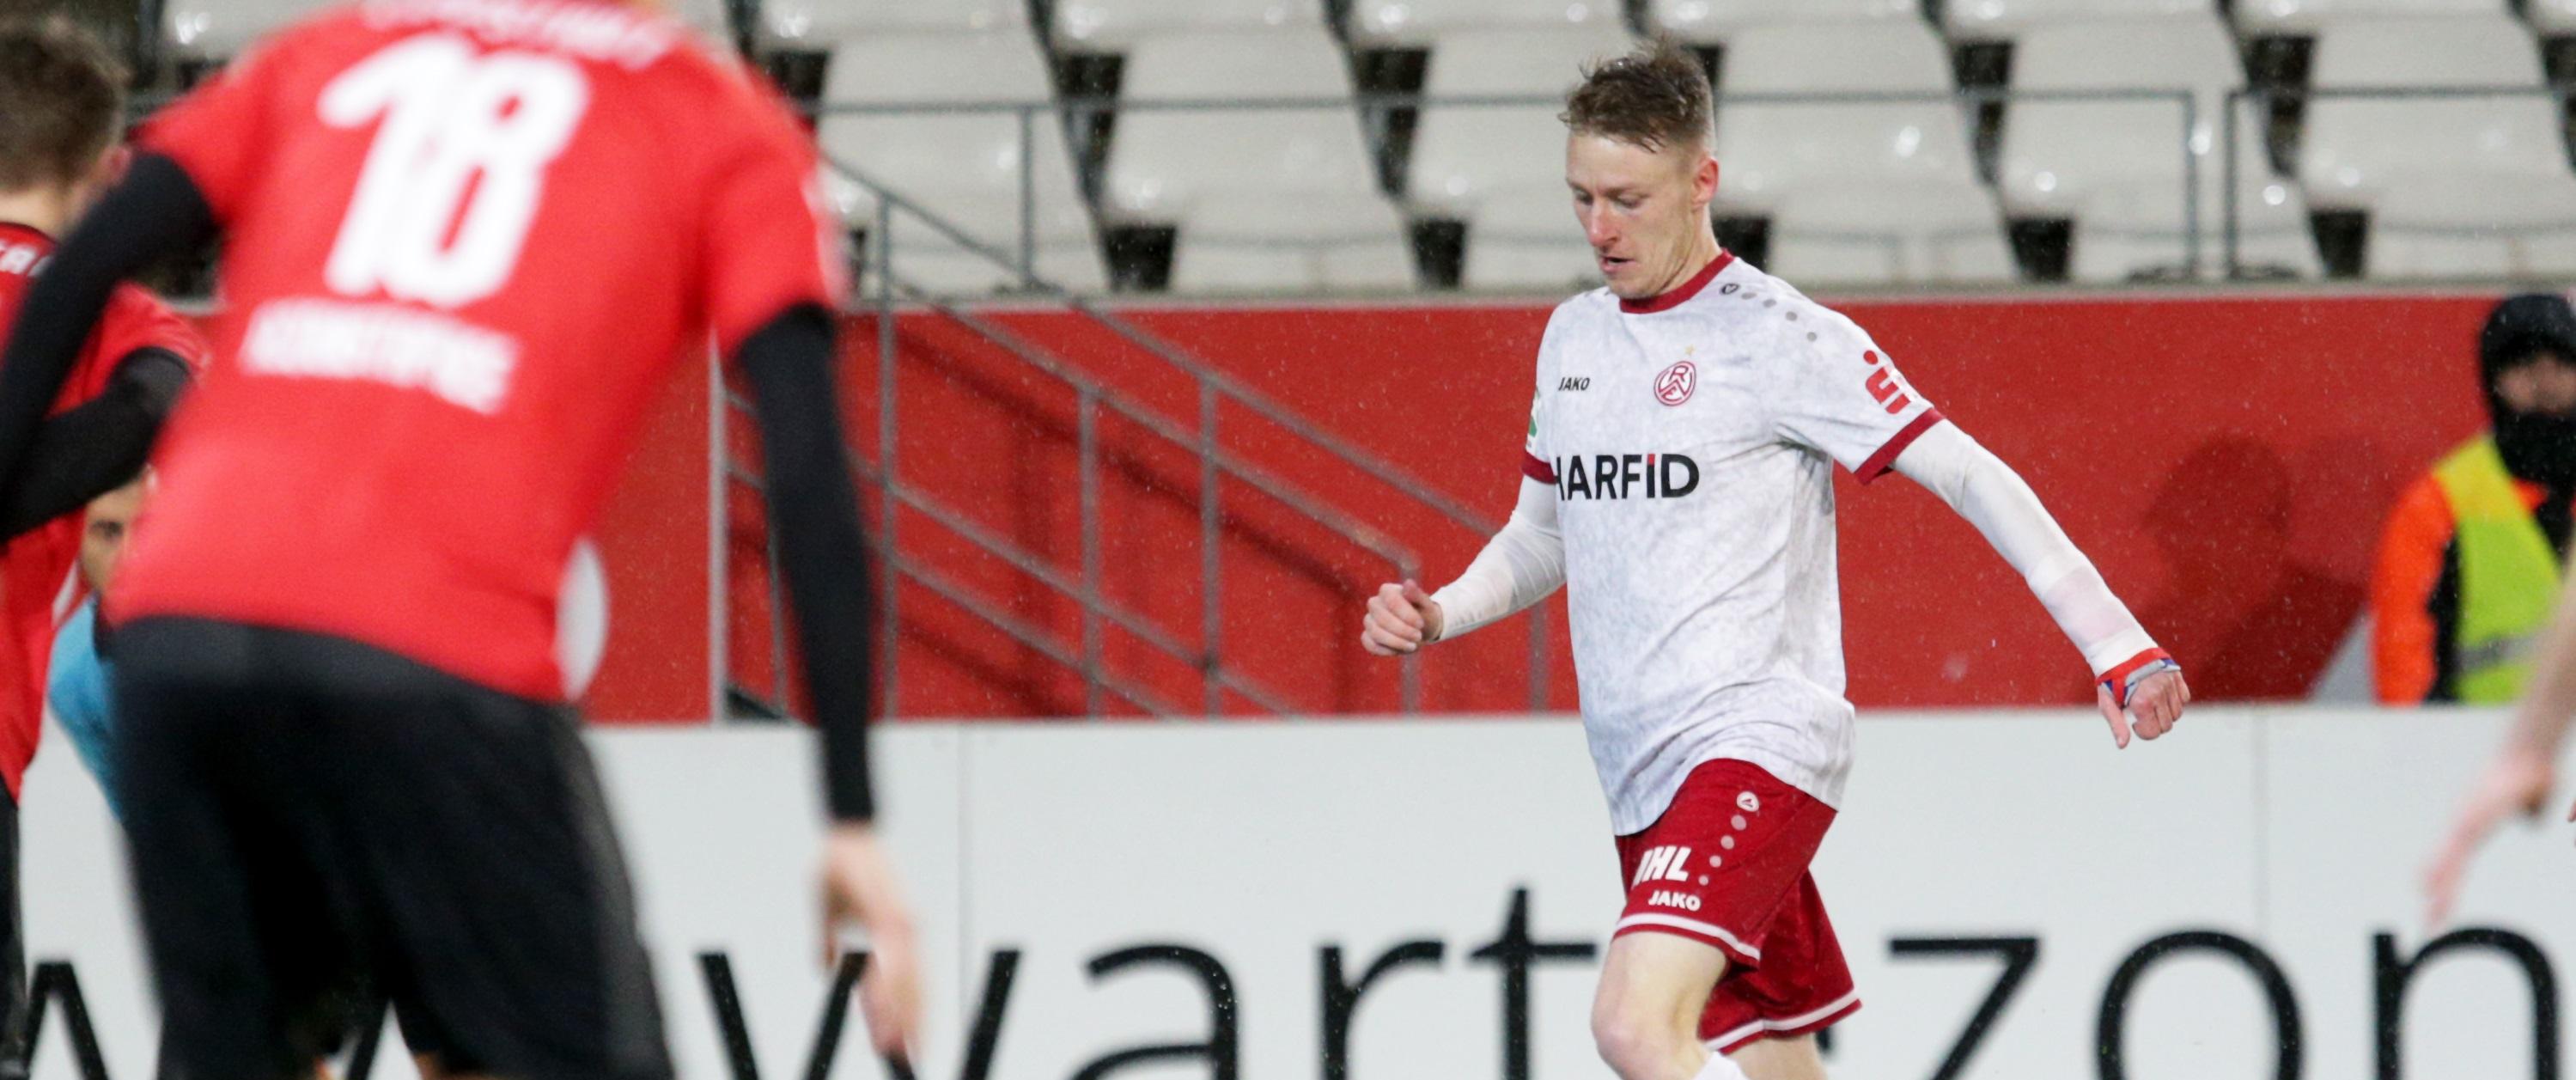 RWE hat sein Heimspiel gegen den SV Lippstadt mit 3:1 gewonnen. (Foto:Endberg)